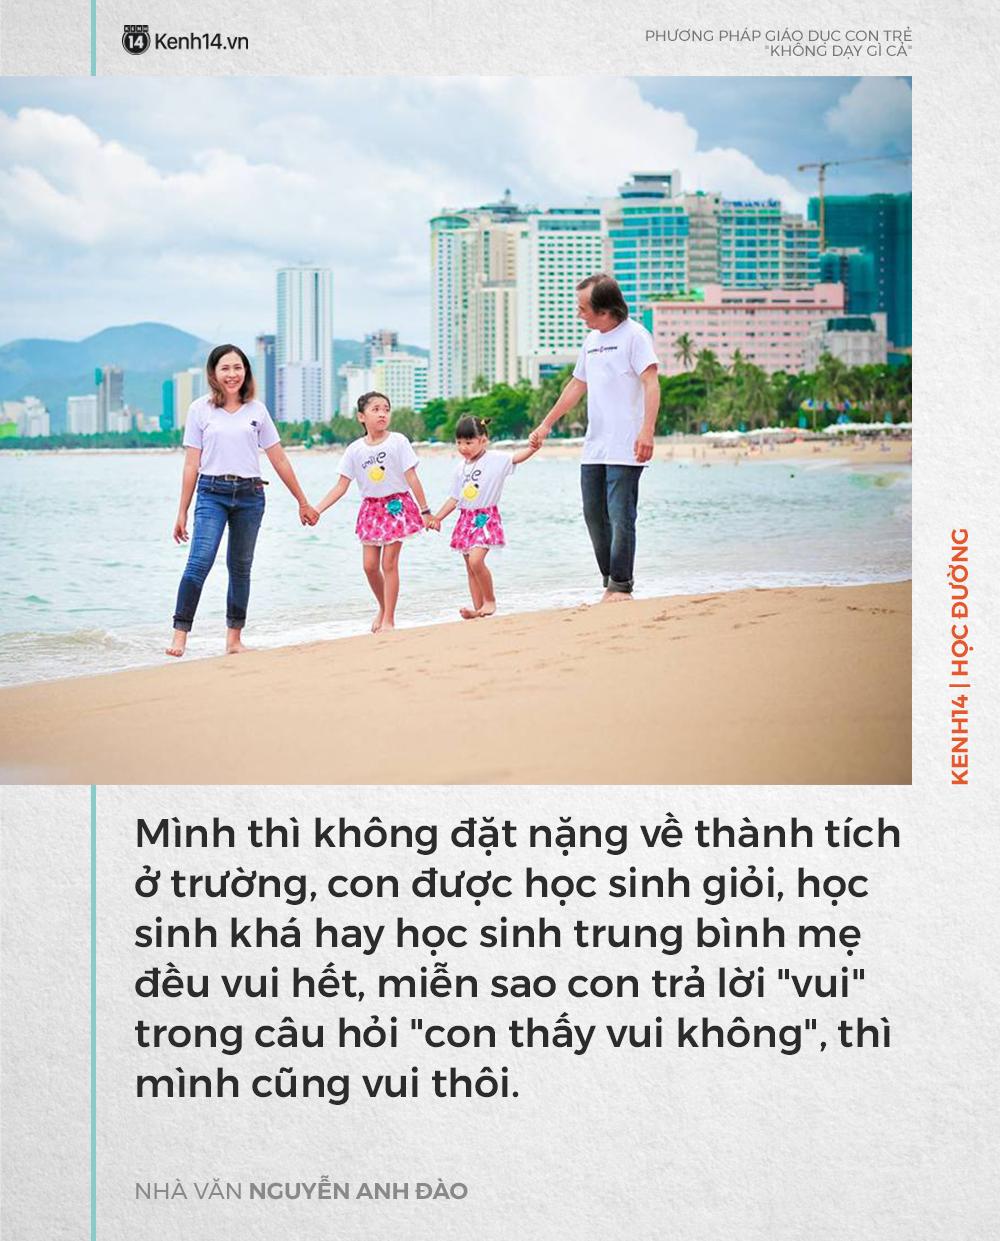 Phương pháp dạy con 'không dạy gì cả' của nhà văn Nguyễn Anh Đào nhưng kết quả lại khiến nhiều người bất ngờ - Ảnh 3